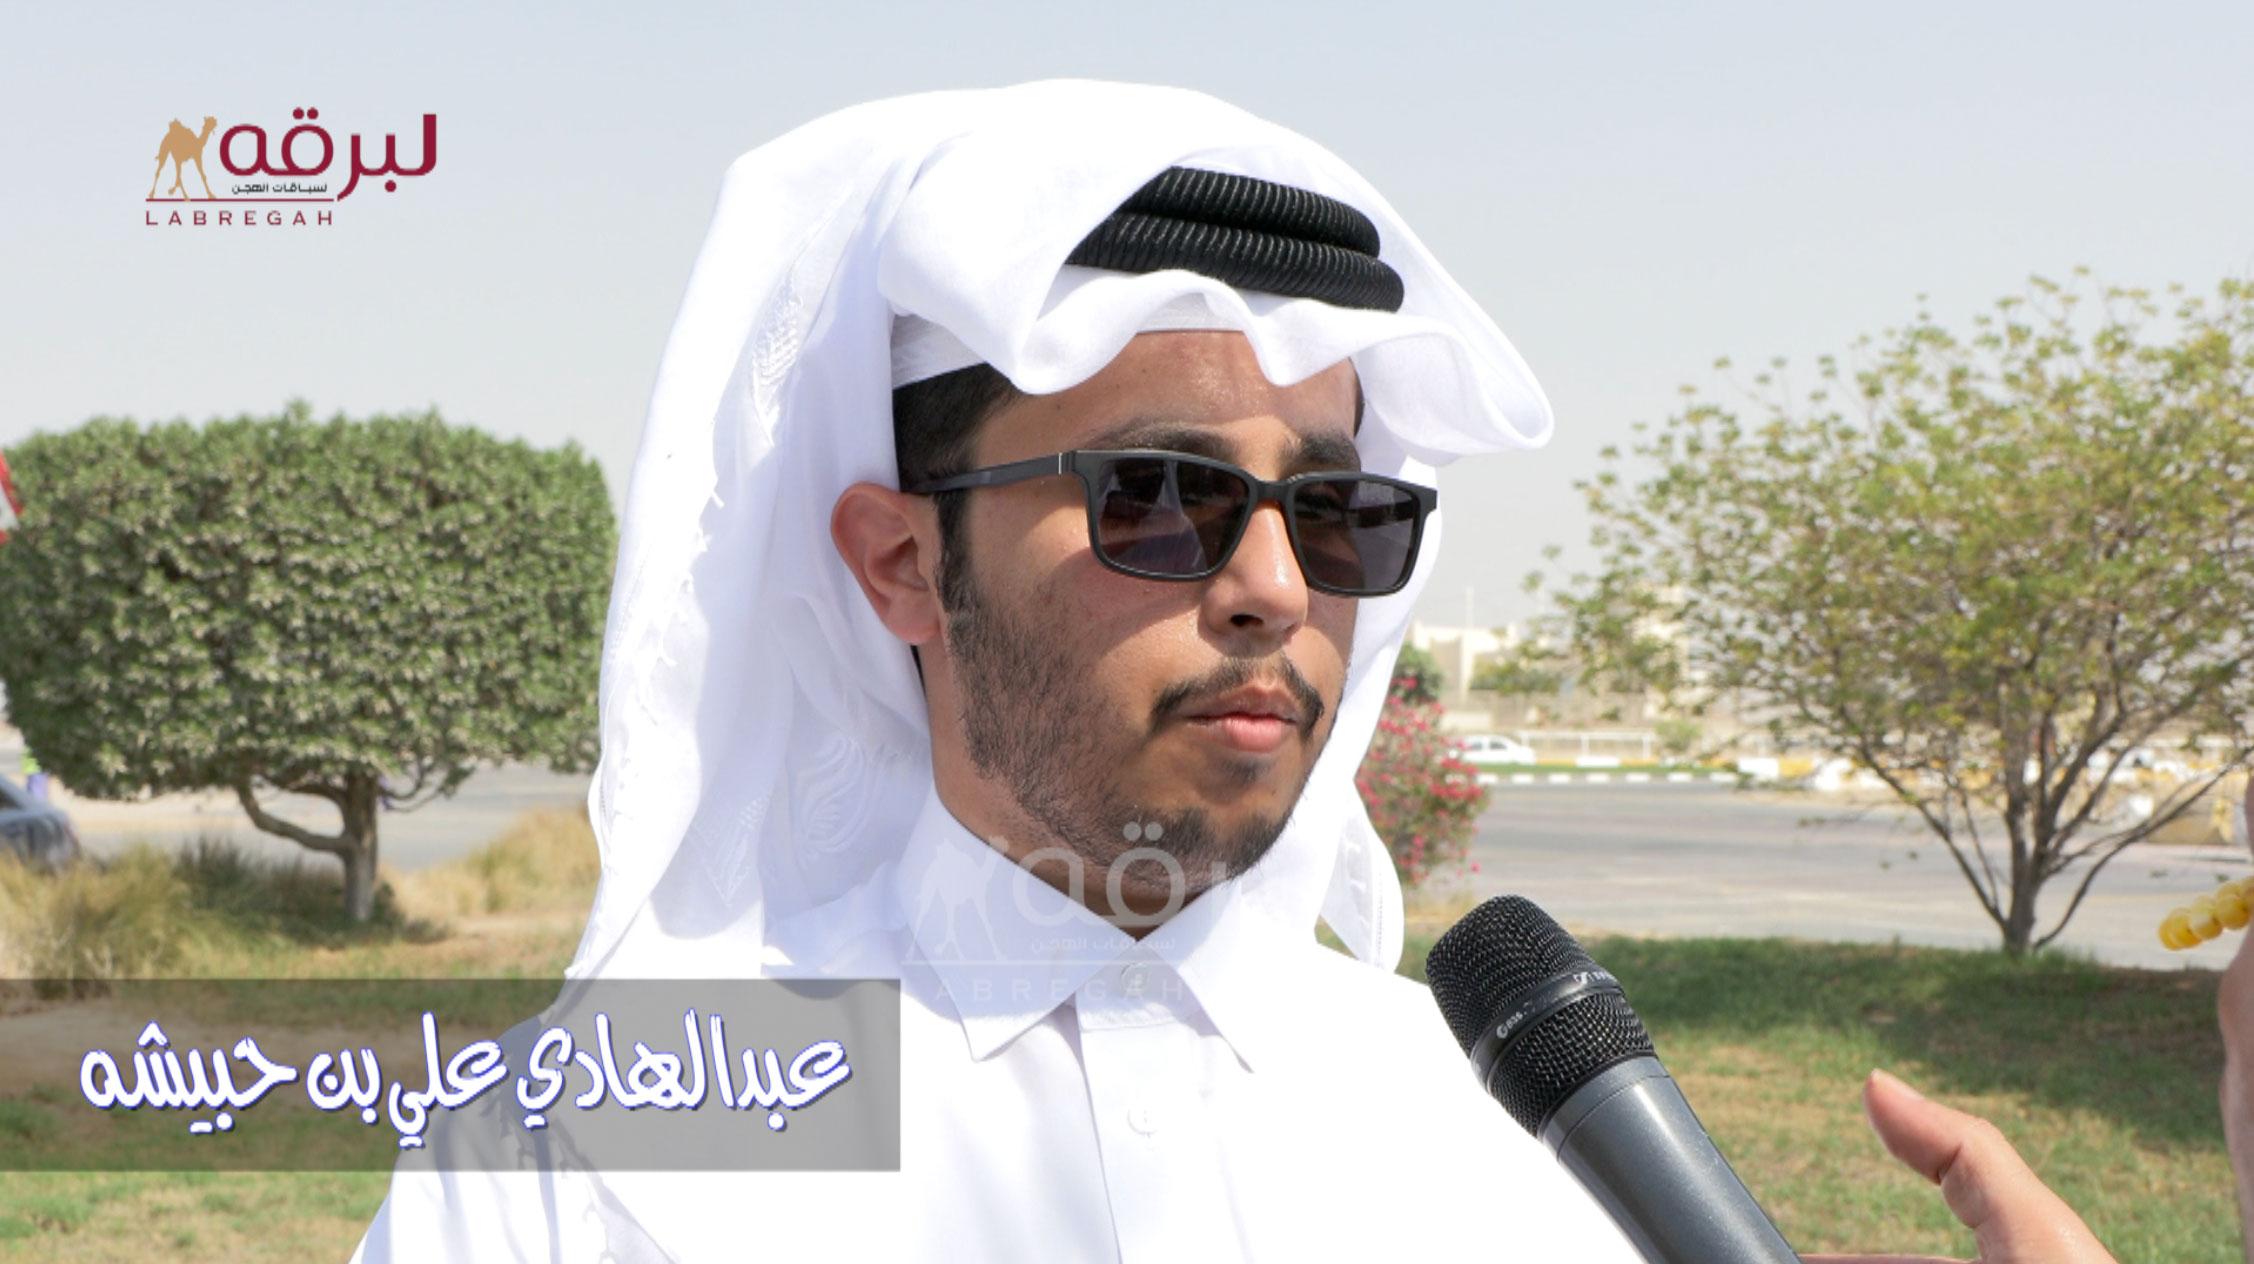 لقاء مع عبدالهادي علي بن حبيشه.. الشوط الرئيسي لقايا بكار إنتاج ميدان الشحانية ٦-٩-٢٠٢١